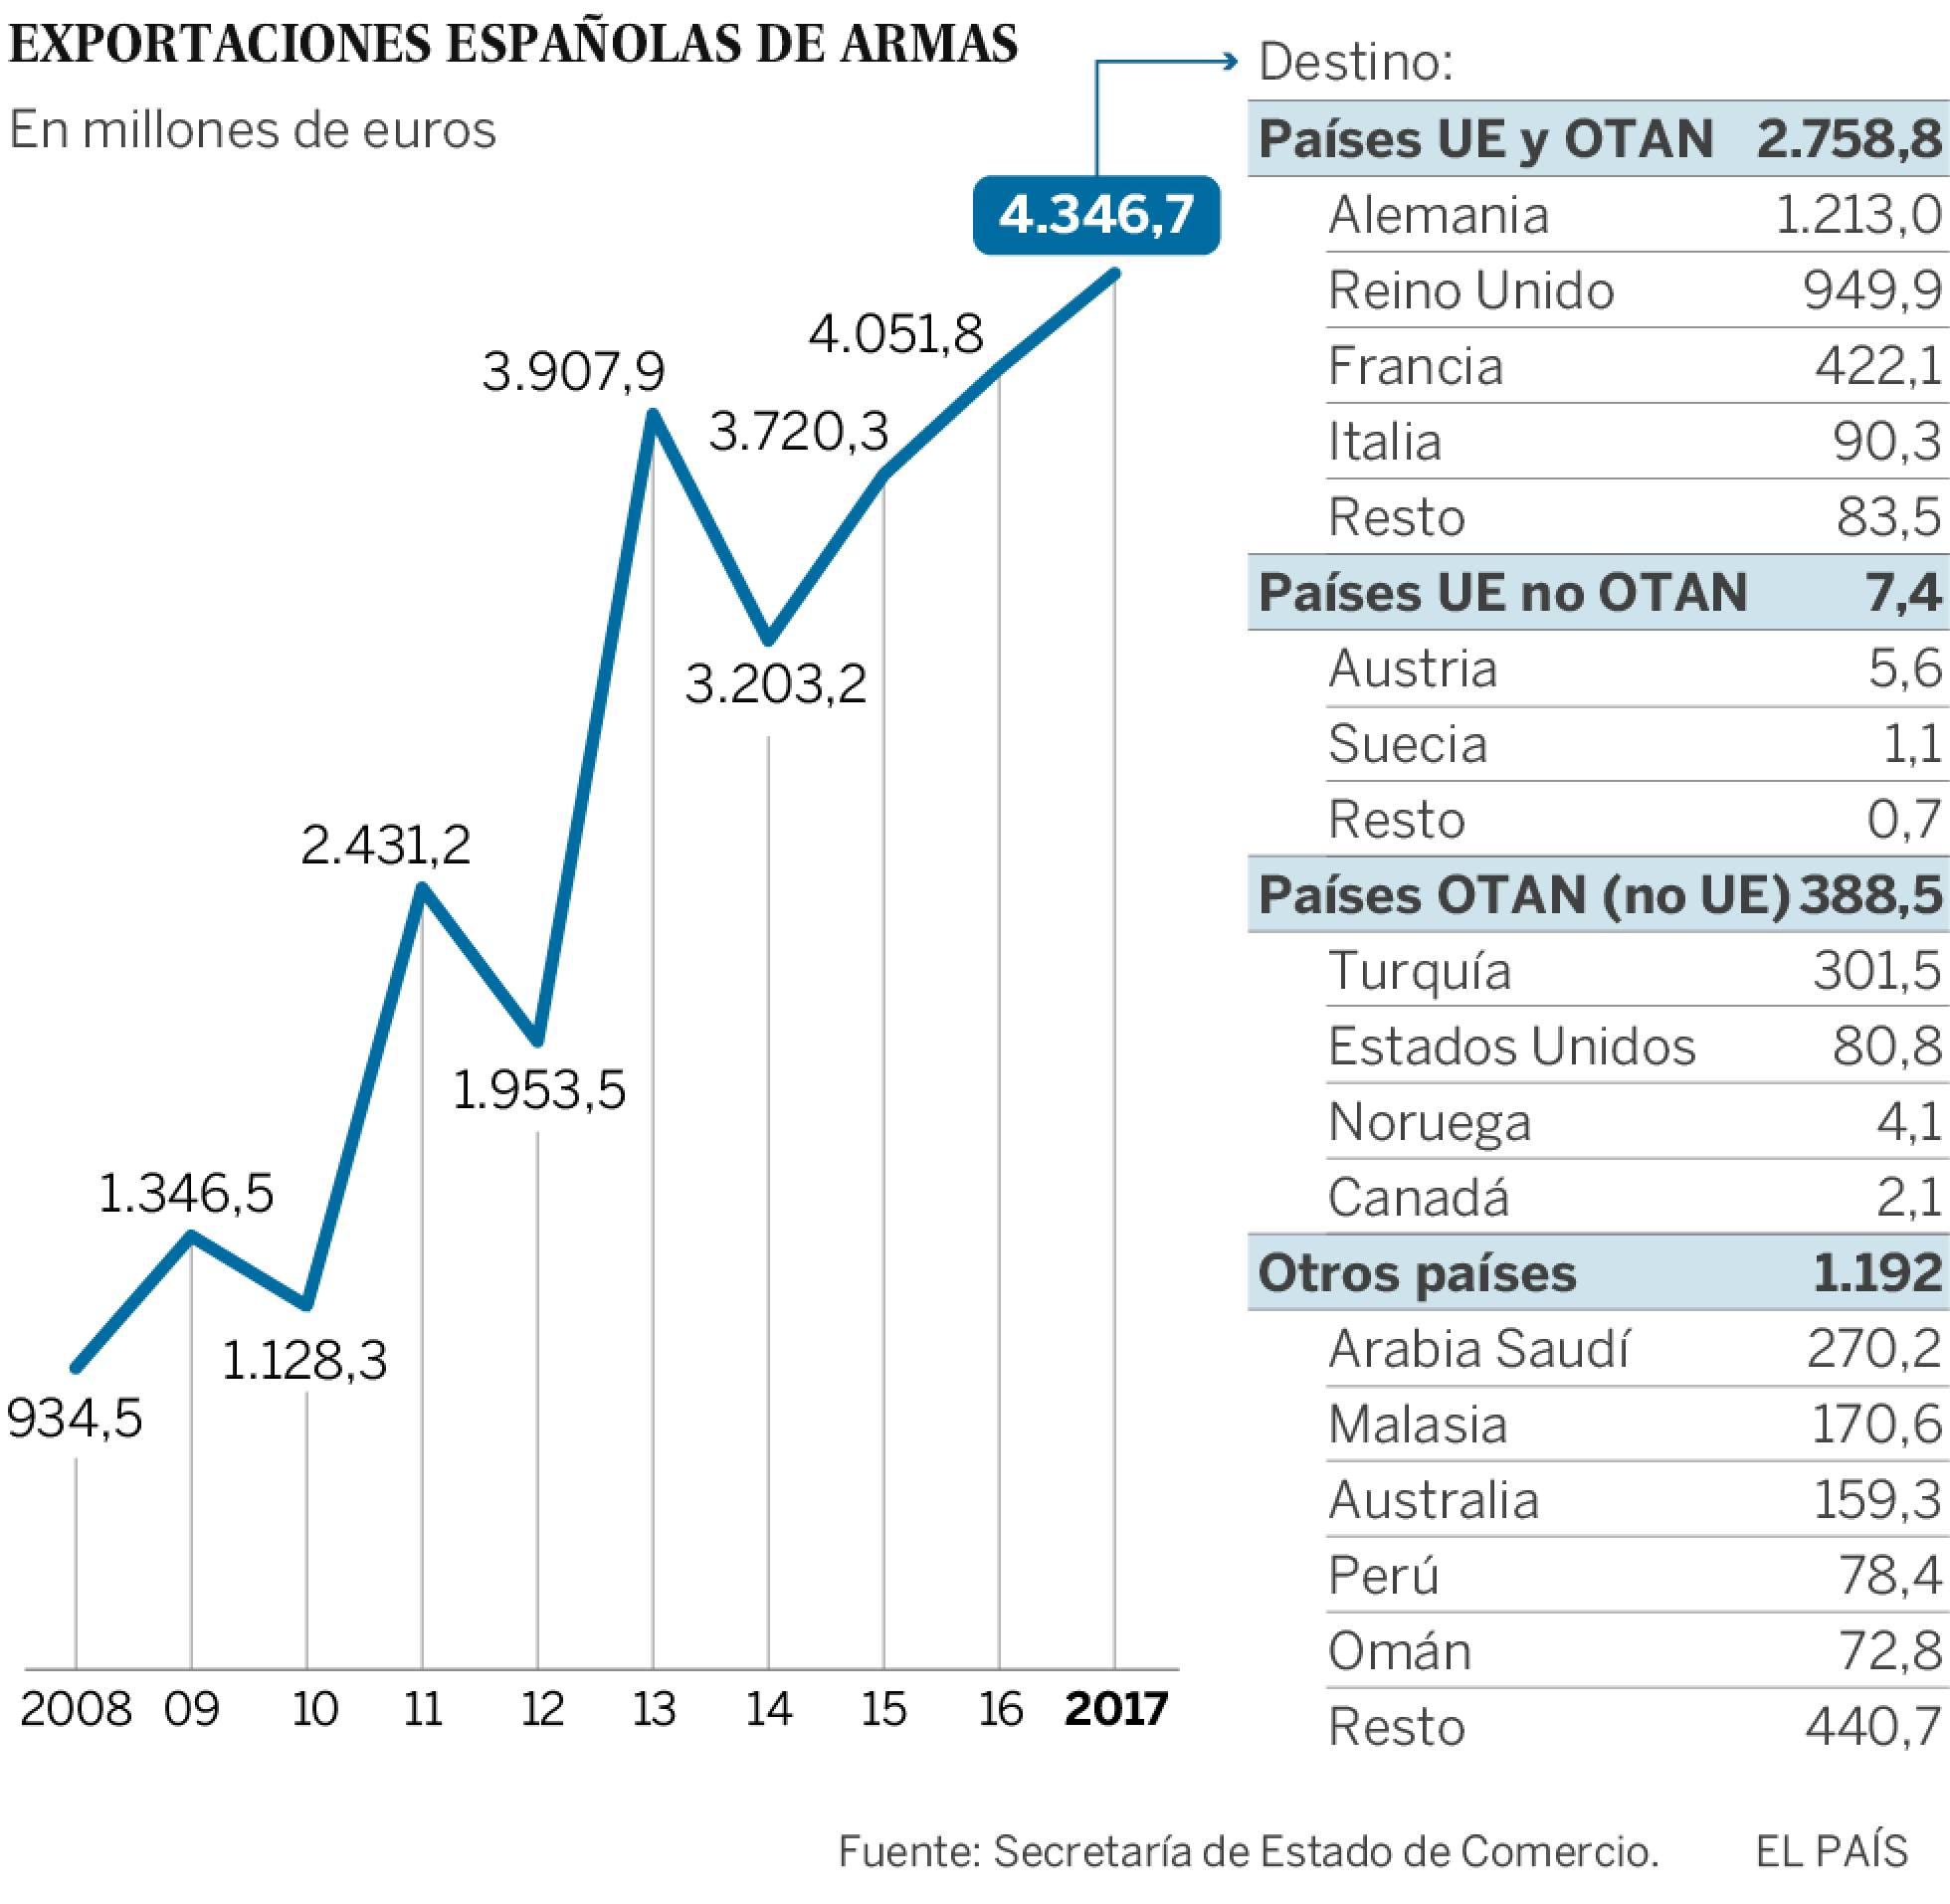 España: Industria militar y exportación de armas. Imperialismo capitalista y pacifismo... del otro lado. - Página 3 1526317522_421856_1526322086_sumario_normal_recorte1